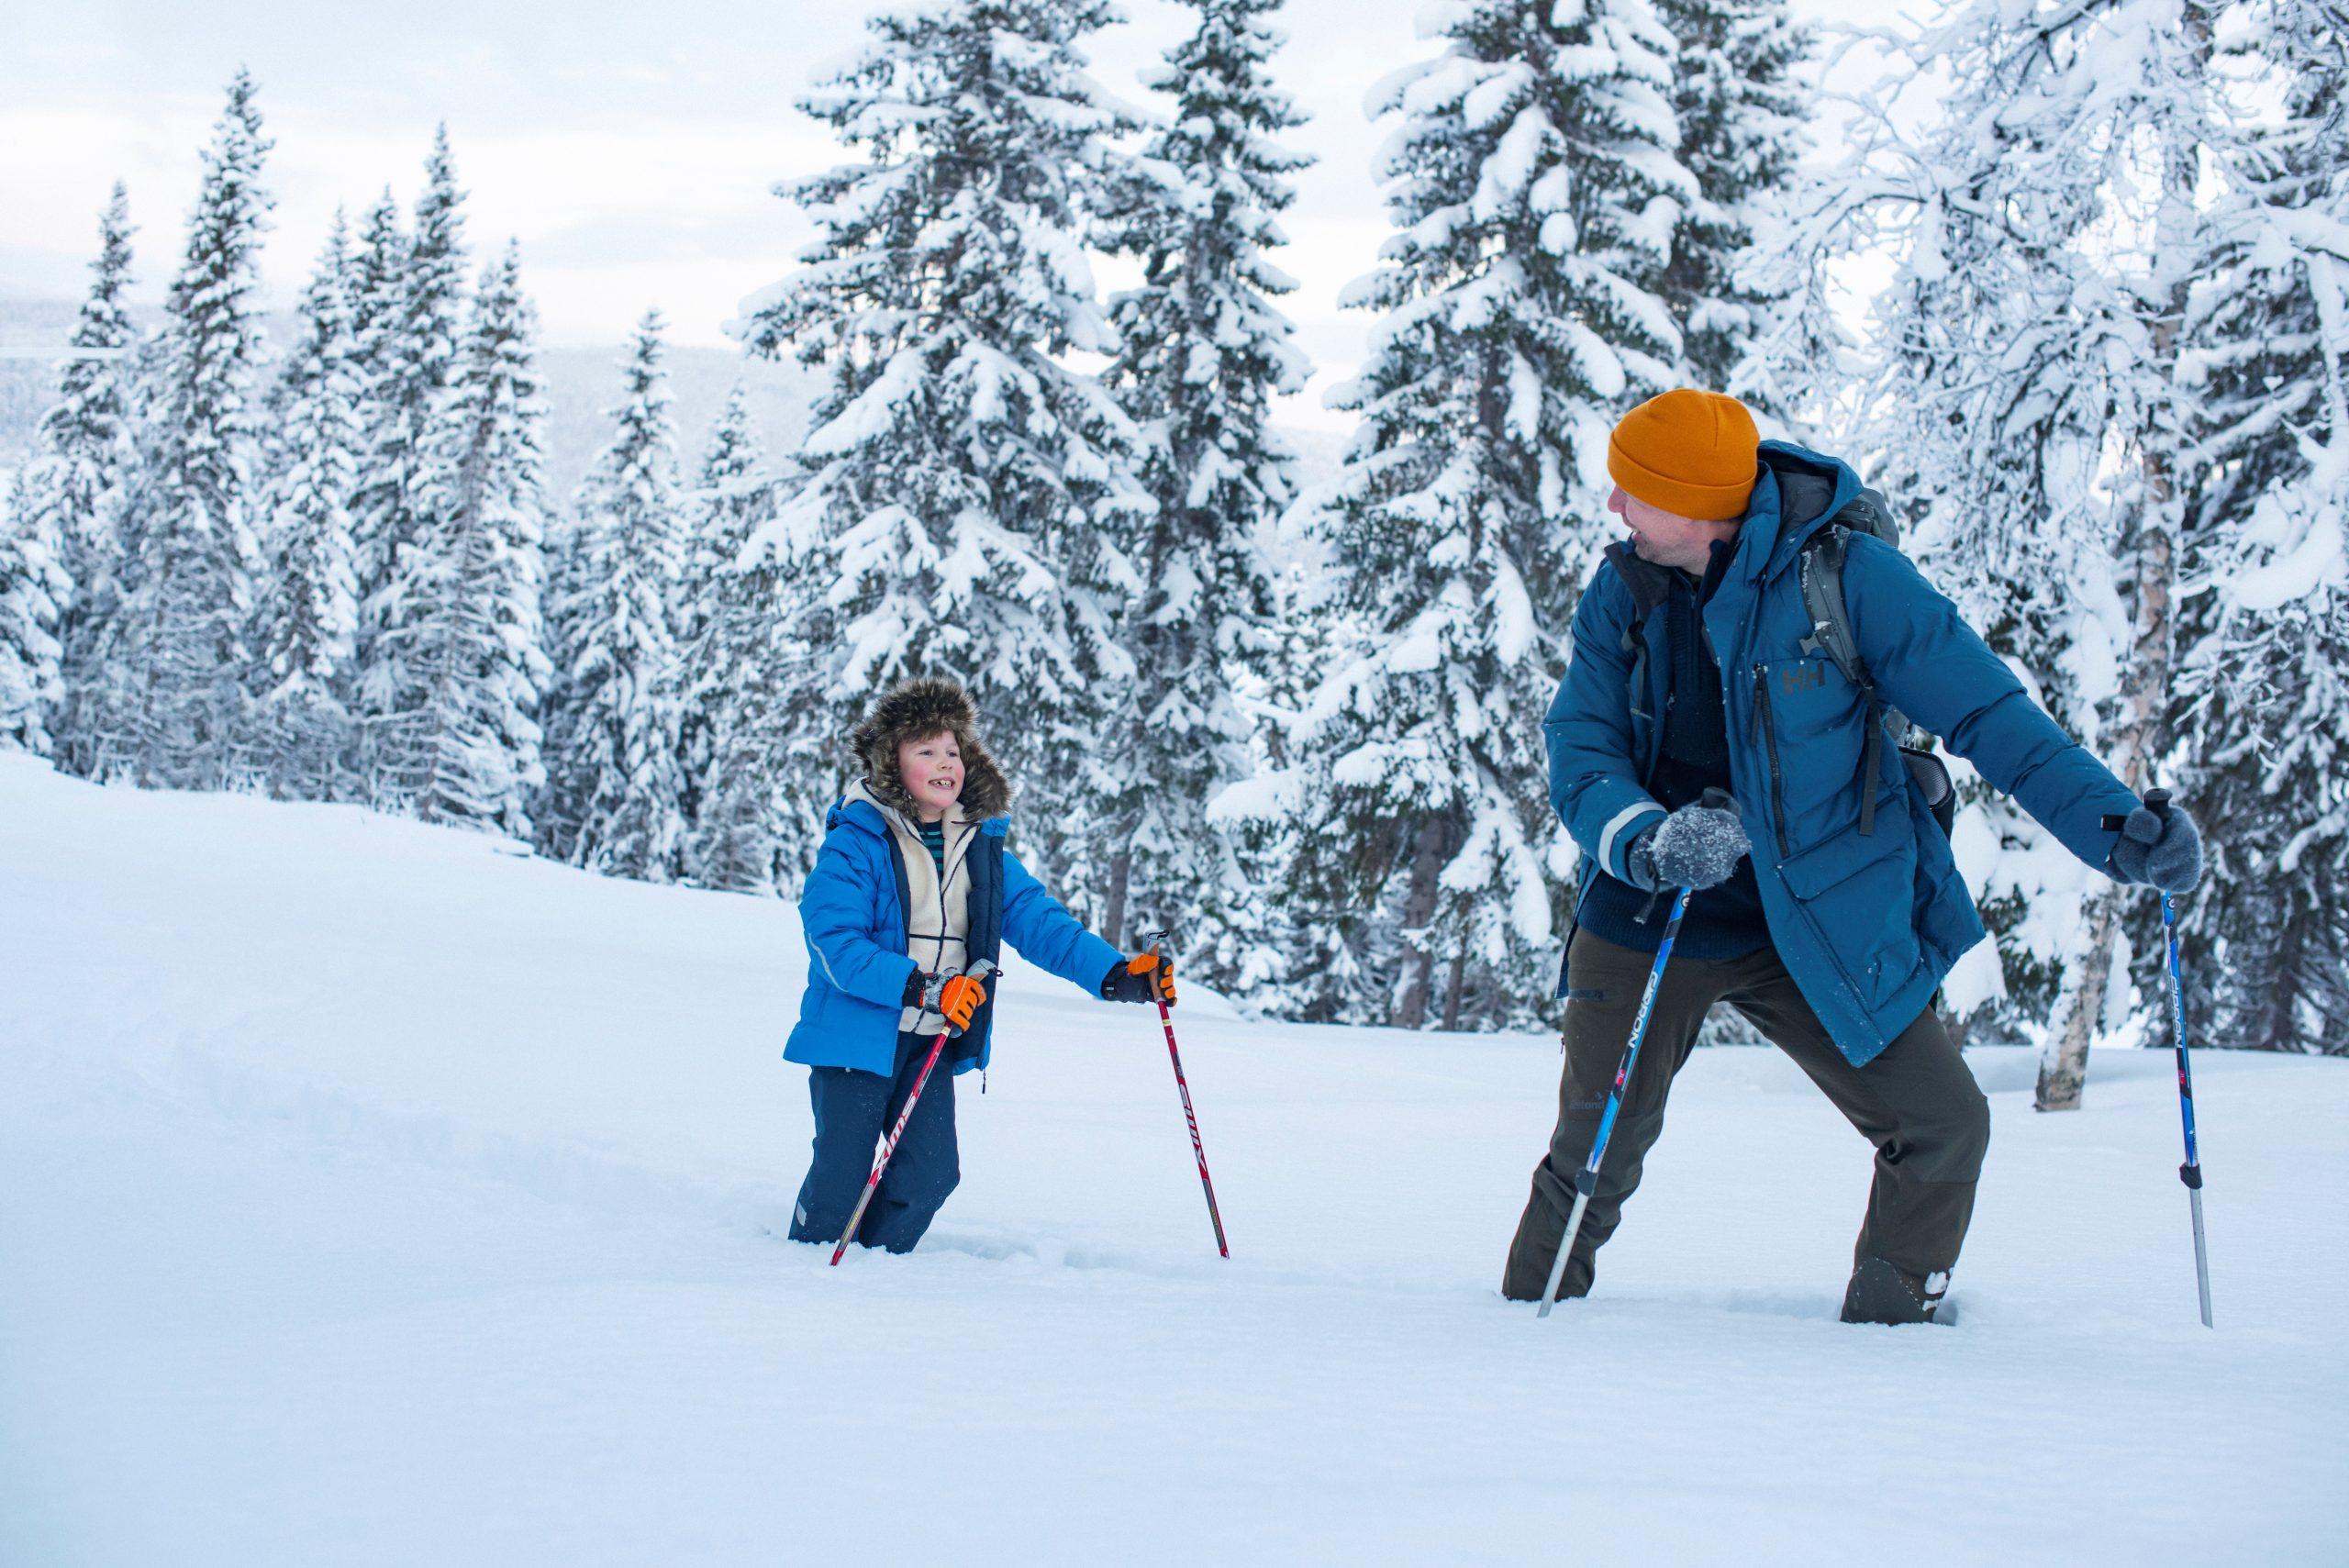 Vinterferie i Namdalen. Foto: Marius Rua / Buckethaus